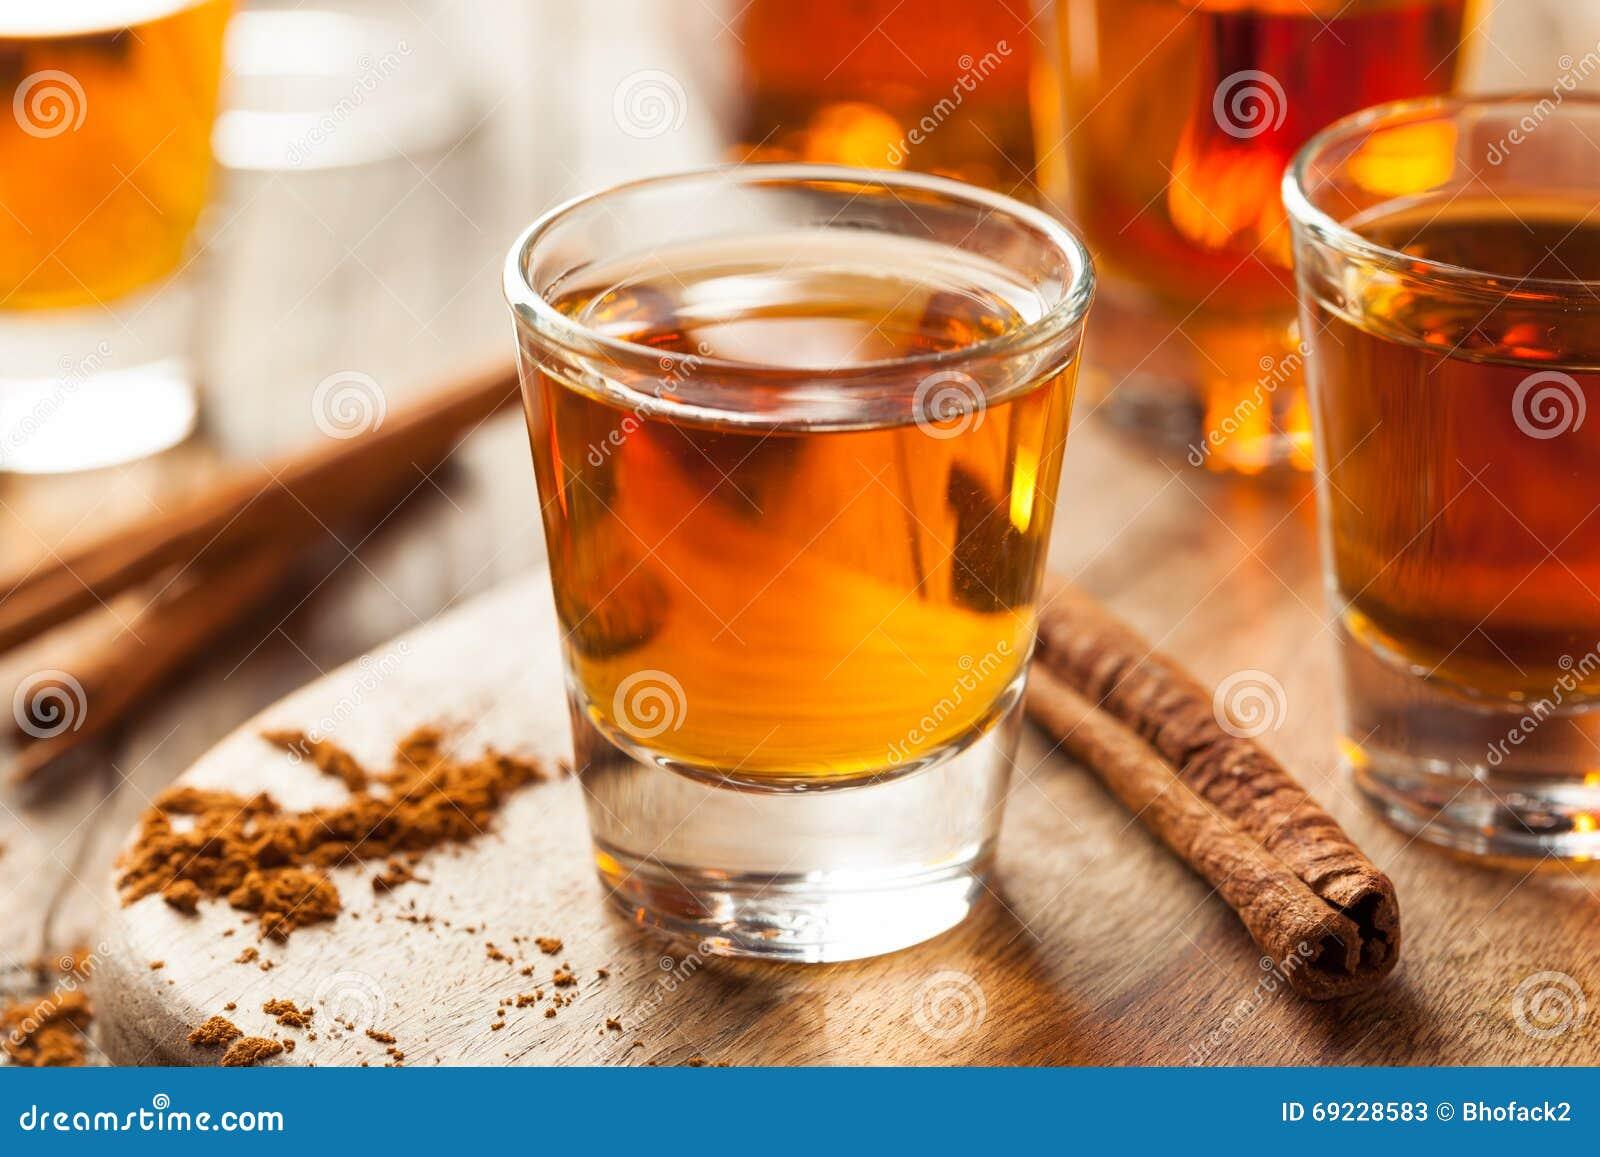 Cynamonowy whisky bourbon w strzału szkle